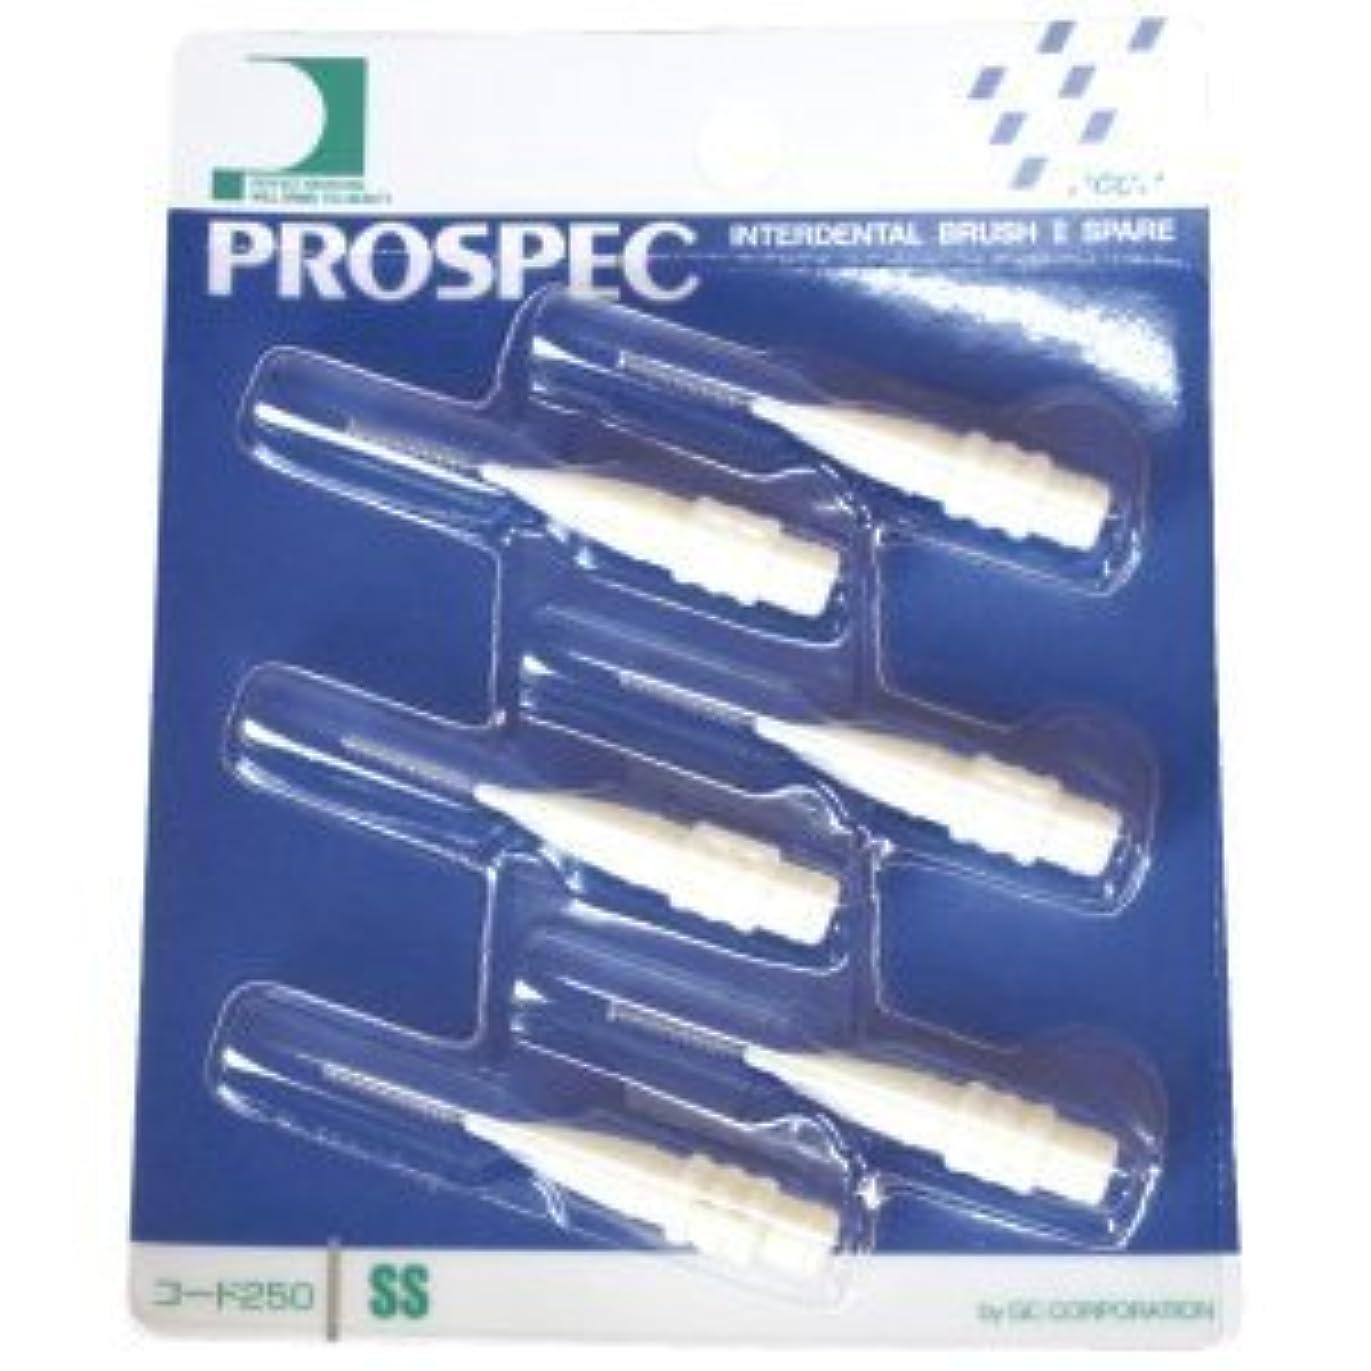 債務者服を洗う代替プロスペック 歯間ブラシII スペアー/SS/1パック(6本入り)